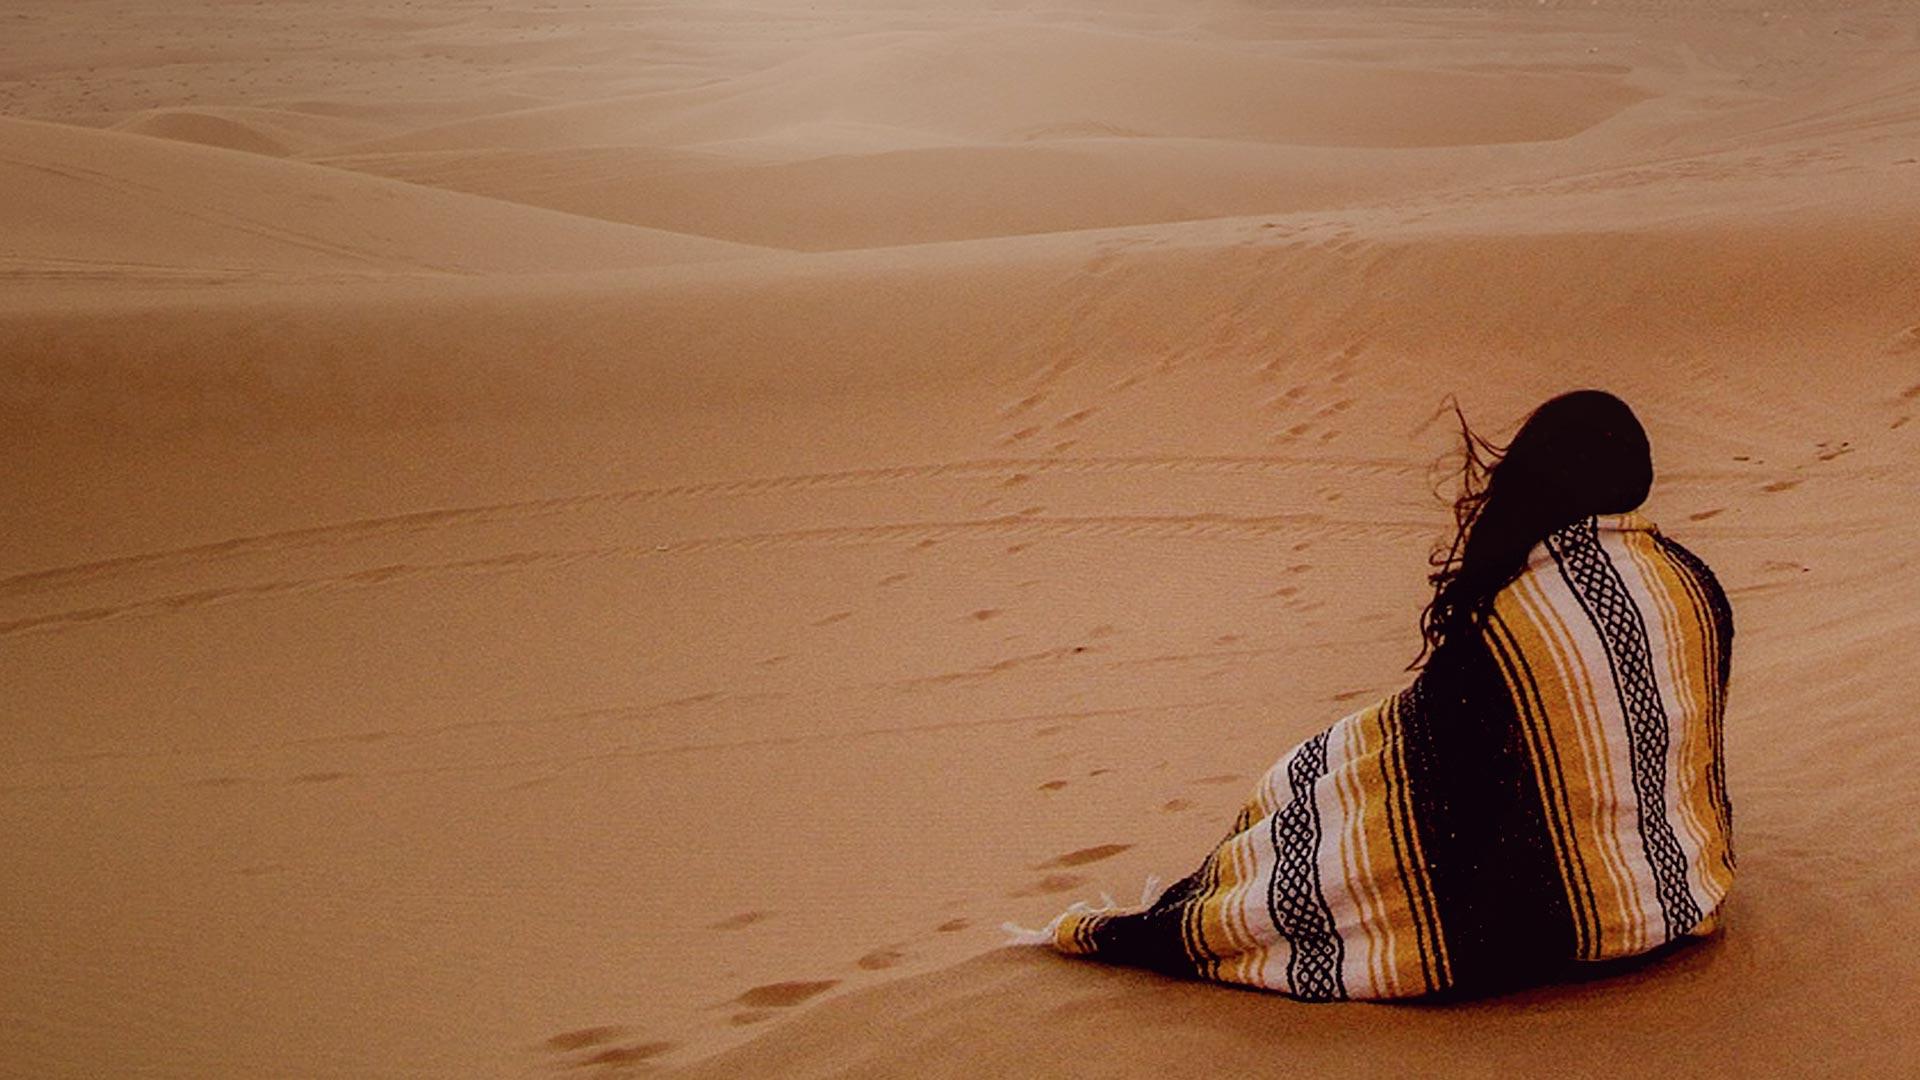 atardecer en el desierto, Marruecos